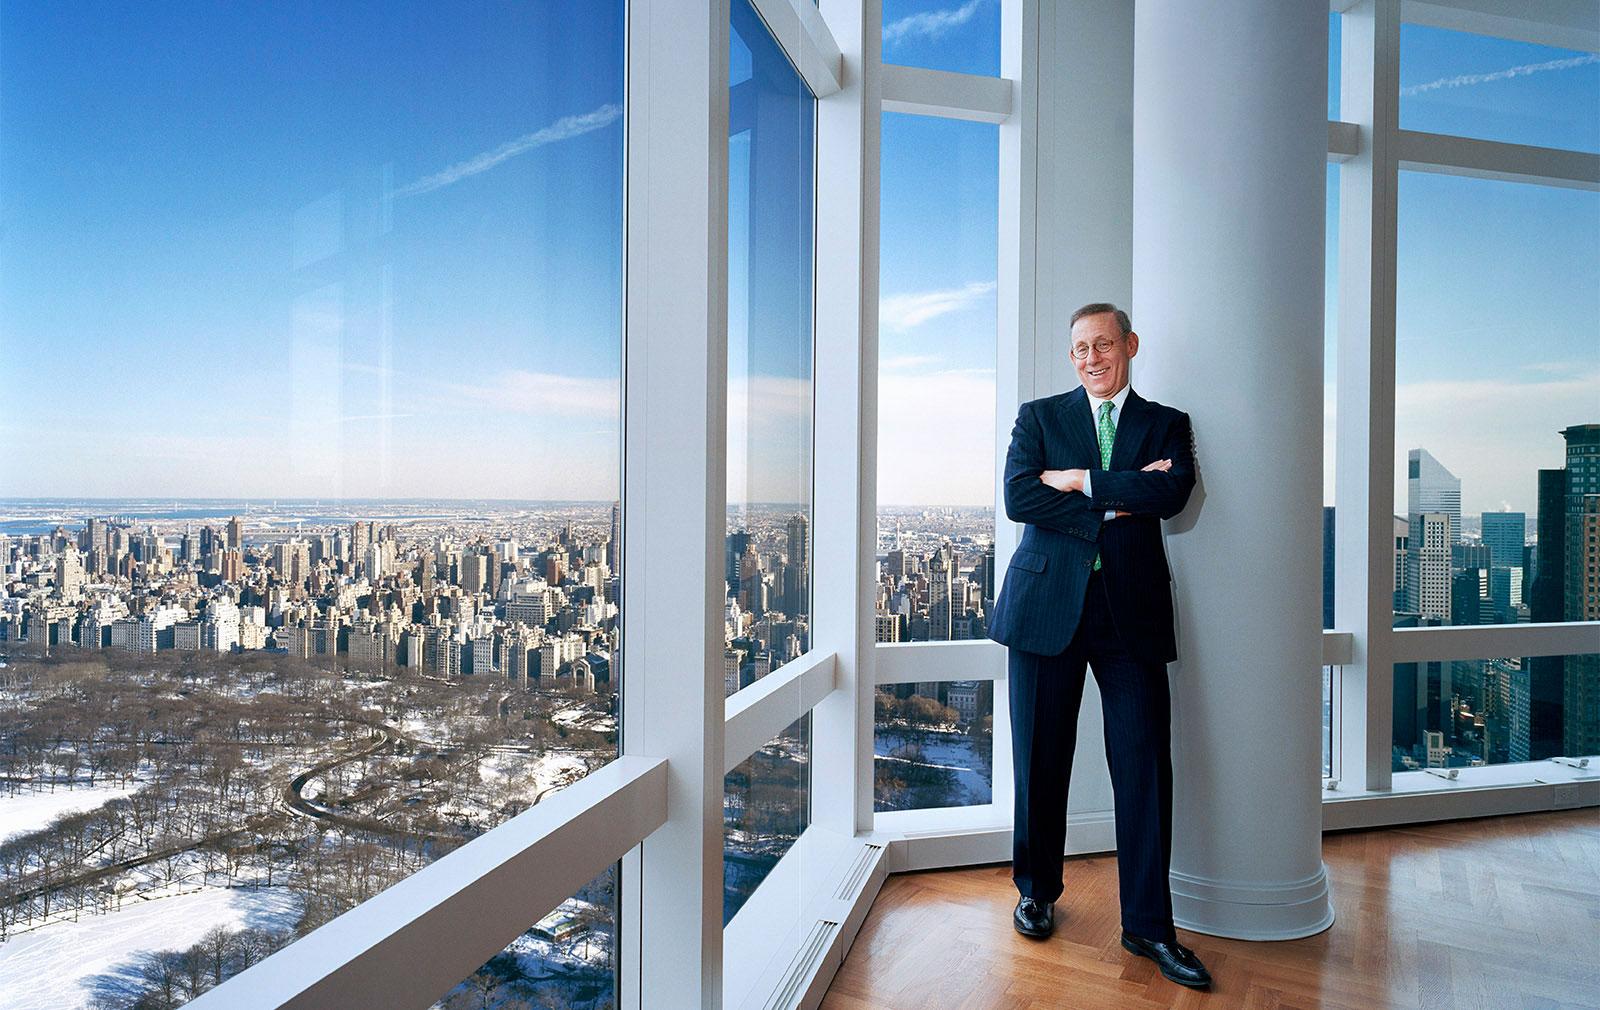 Portrait von Herr Stephen M. Ross, Unternehmer, Immobilienentwic